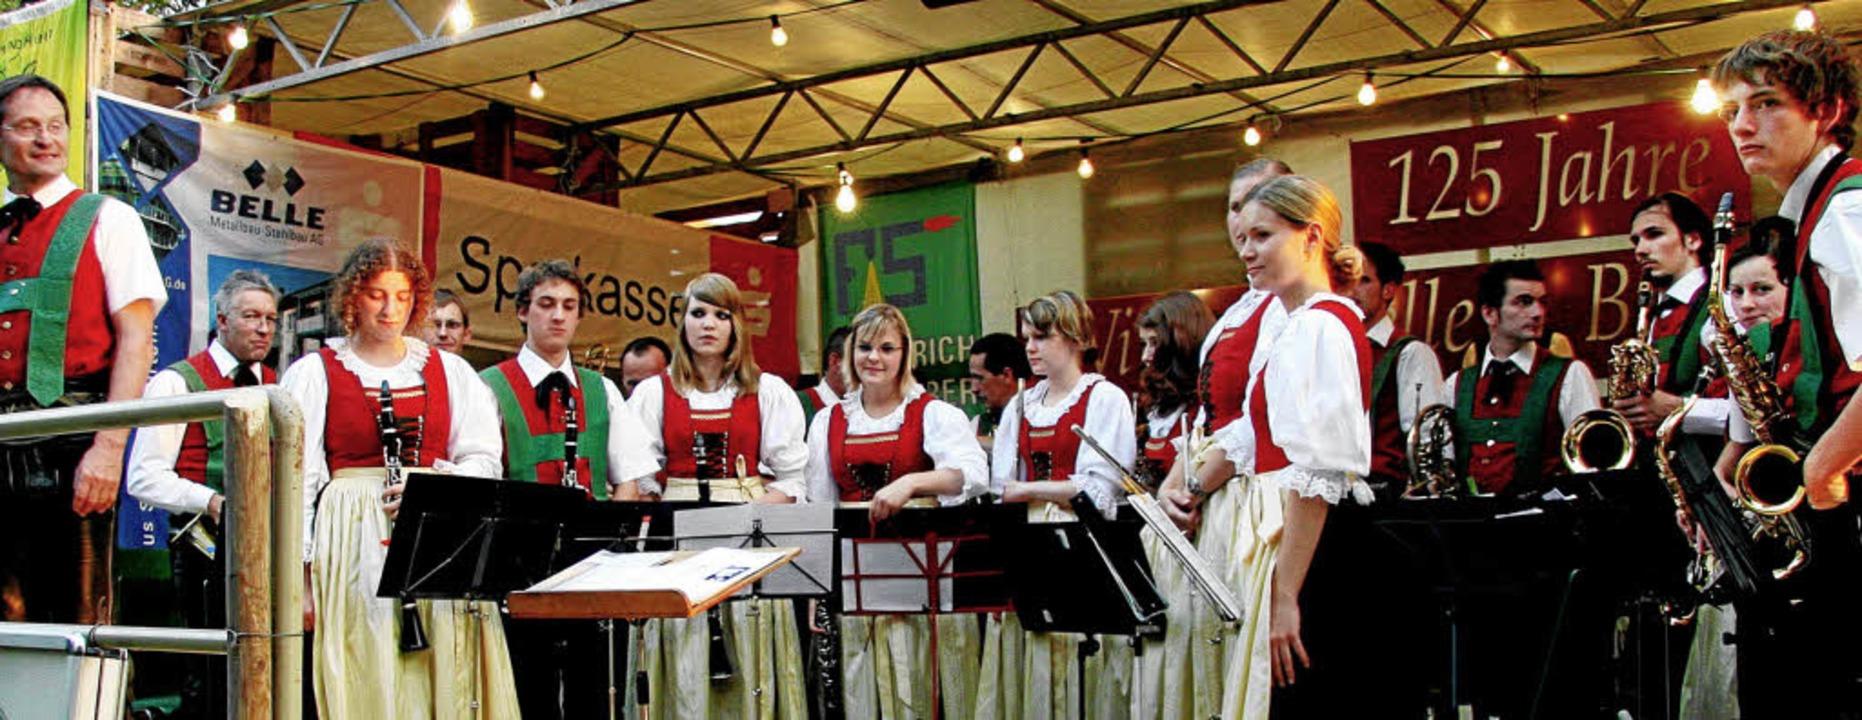 Stans im Glück: Die Kapelle aus Tirol ...m  Open-Air-Konzert in Bischoffingen.     Foto: herbert trogus